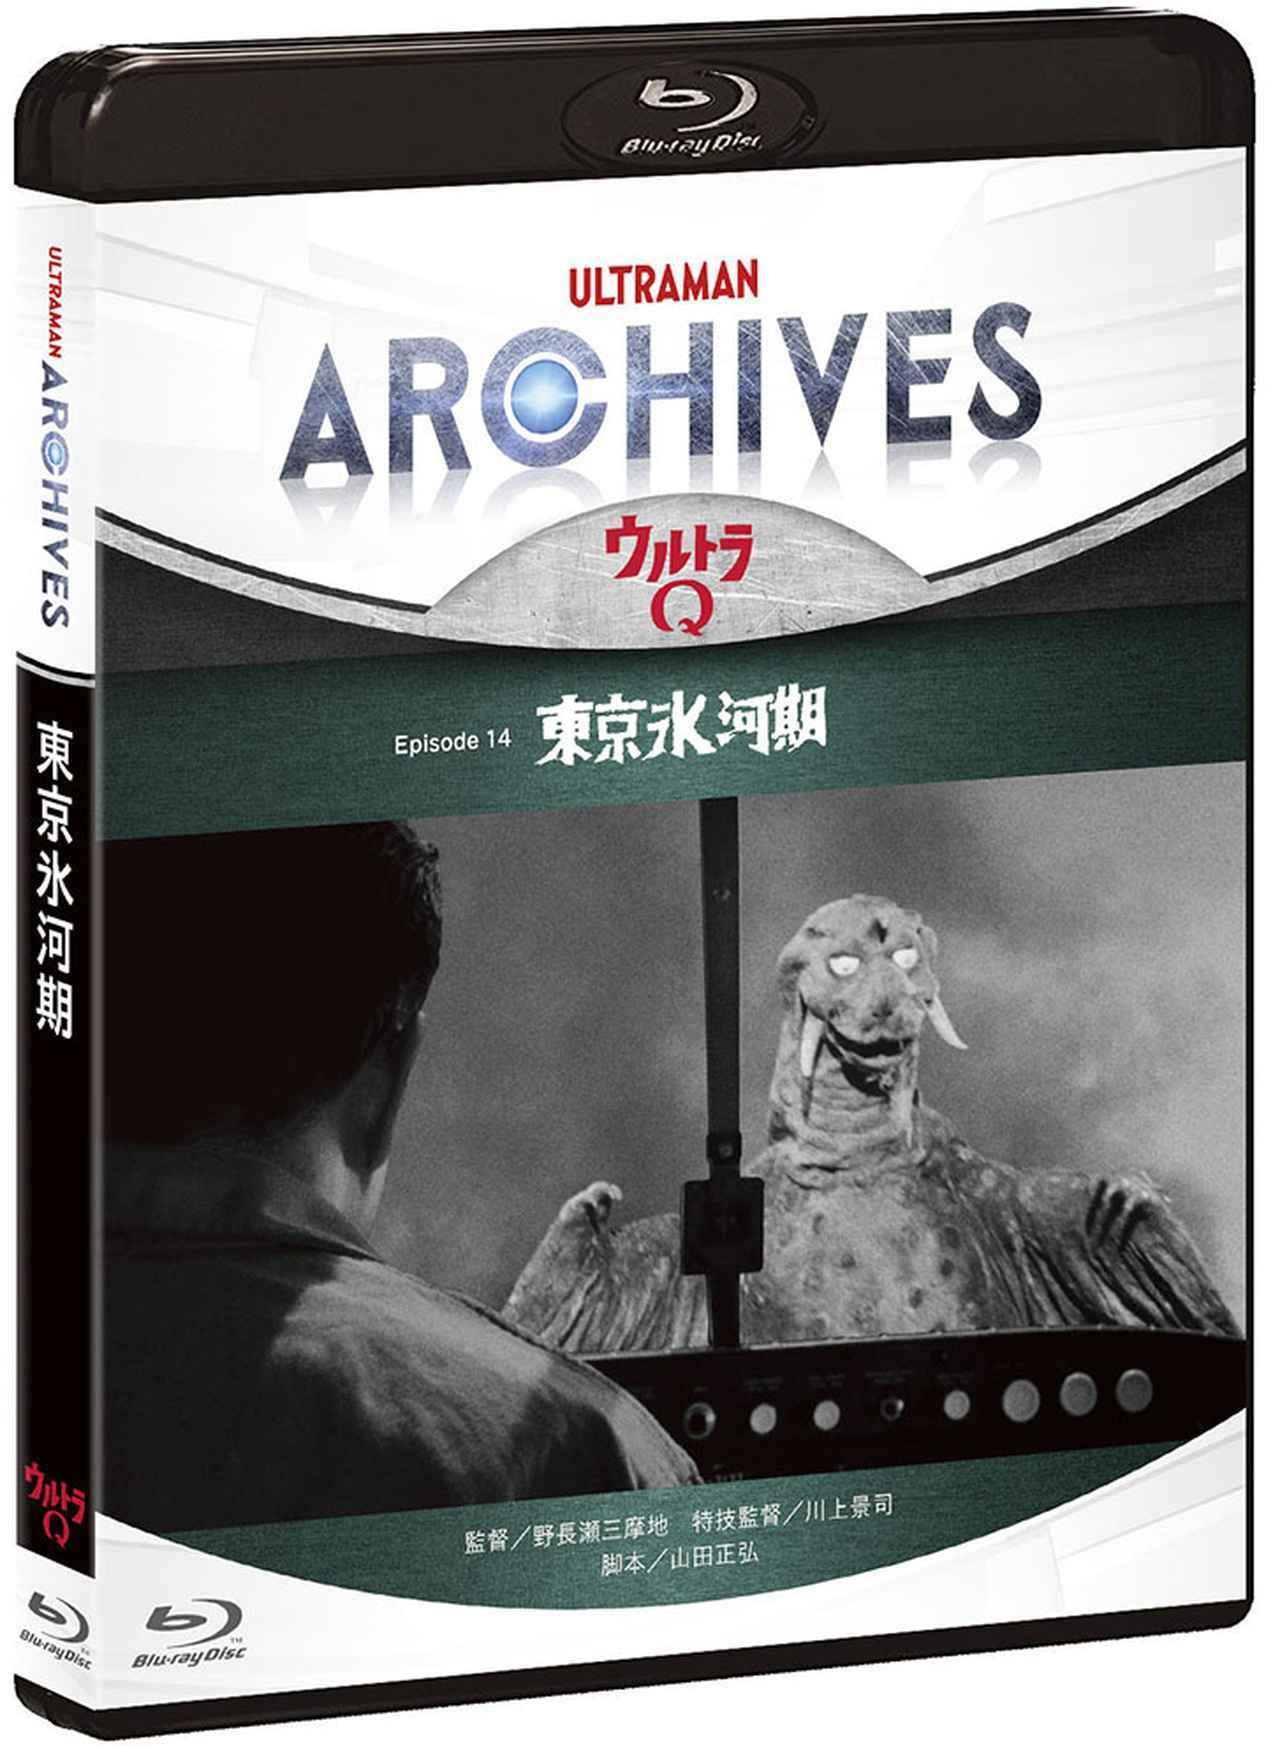 画像: 6月19日発売の『ウルトラ Q』Episode 14「東京氷河期」 Blu-ray&DVD セット。詳細は以下のコラムを参照ください